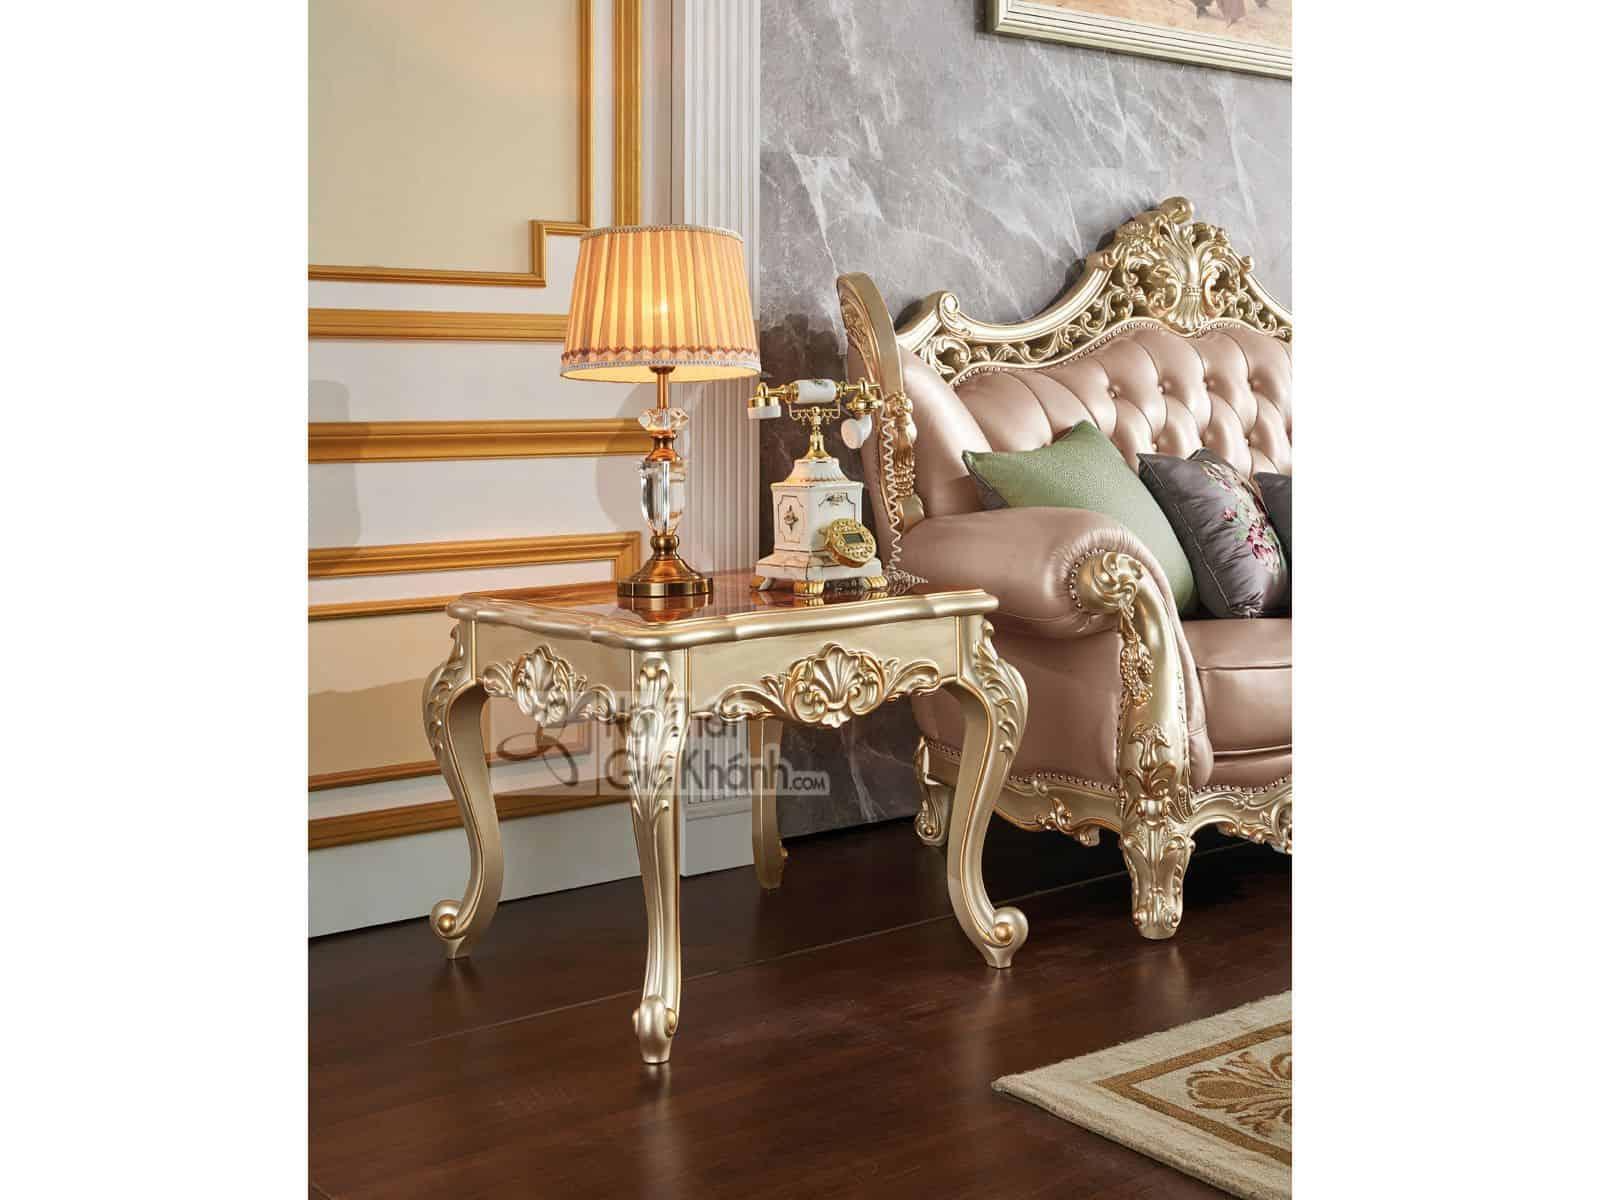 Bàn trà vuông cổ điển gỗ cho phòng khách GK8801BTV - ban tra vuong phong khach gk8801btv